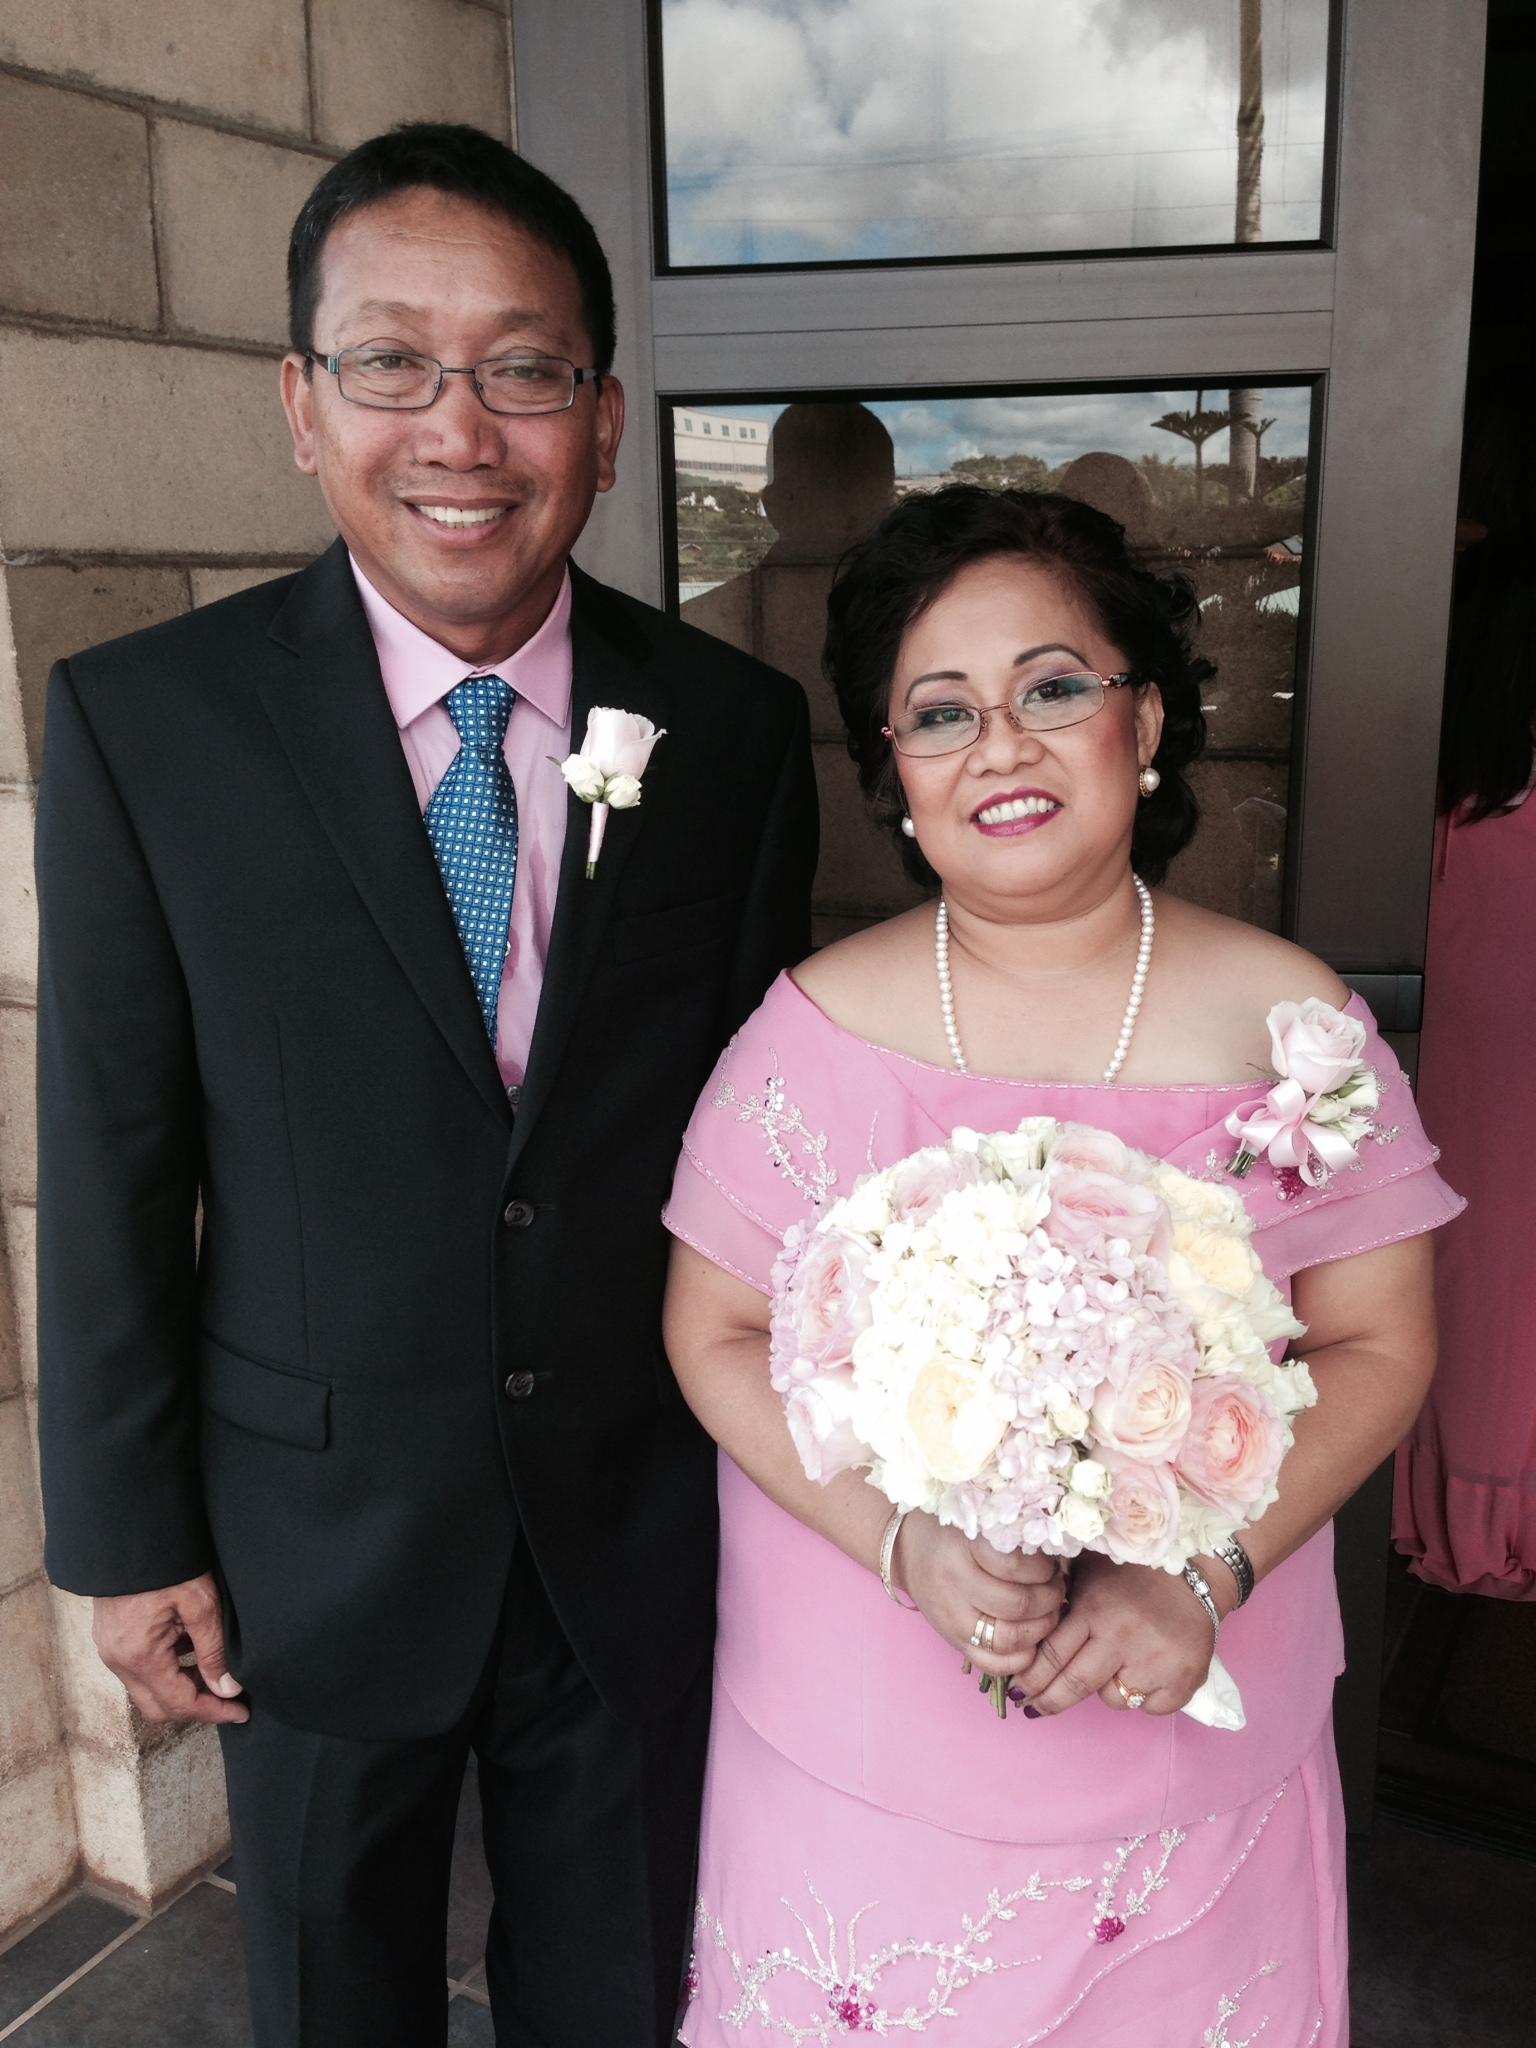 3-church-wedding-oahu.JPG